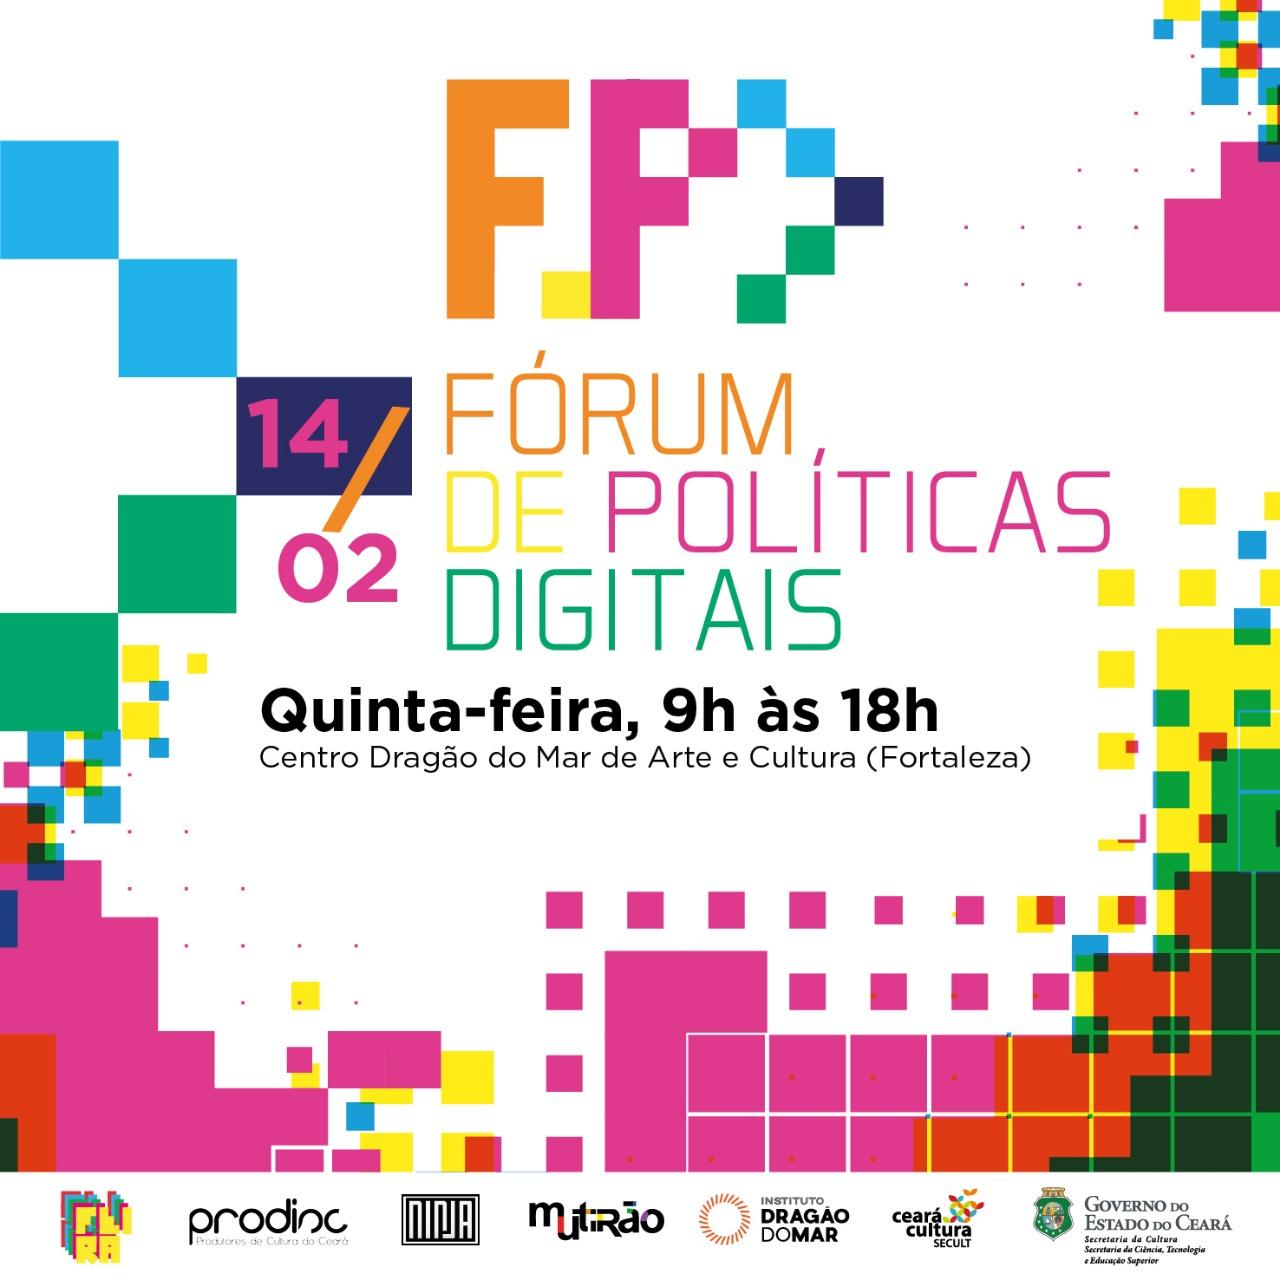 fórum de políticas digitais